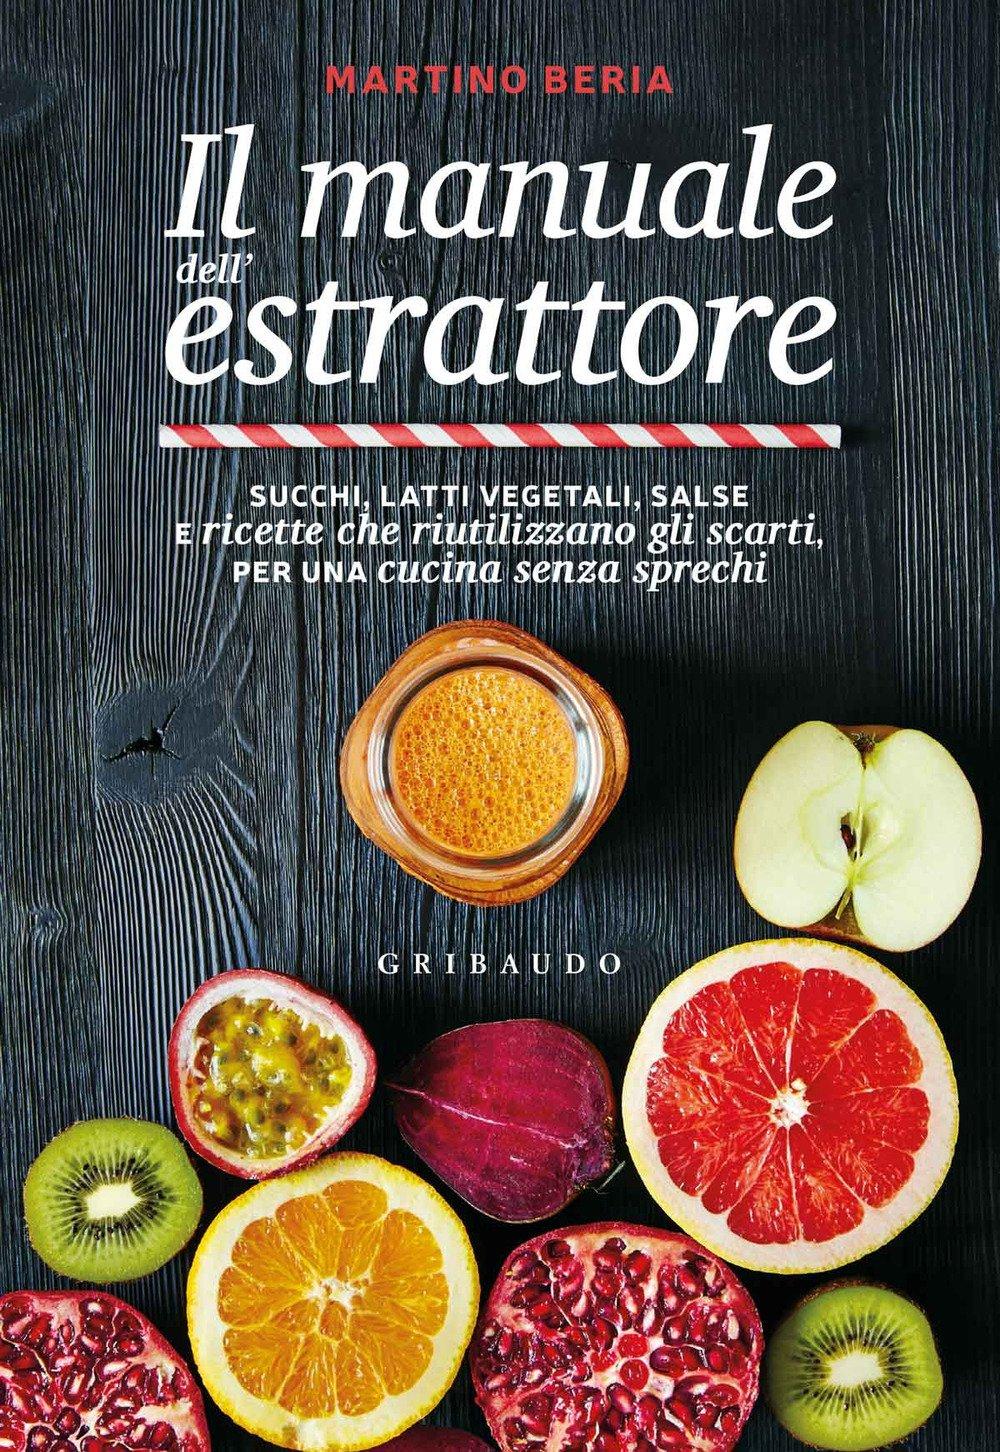 Il manuale dell'estrattore. Succhi, latti vegetali, salse e ricette che riutilizzano gli scarti, per una cucina senza sprechi - 2020 -